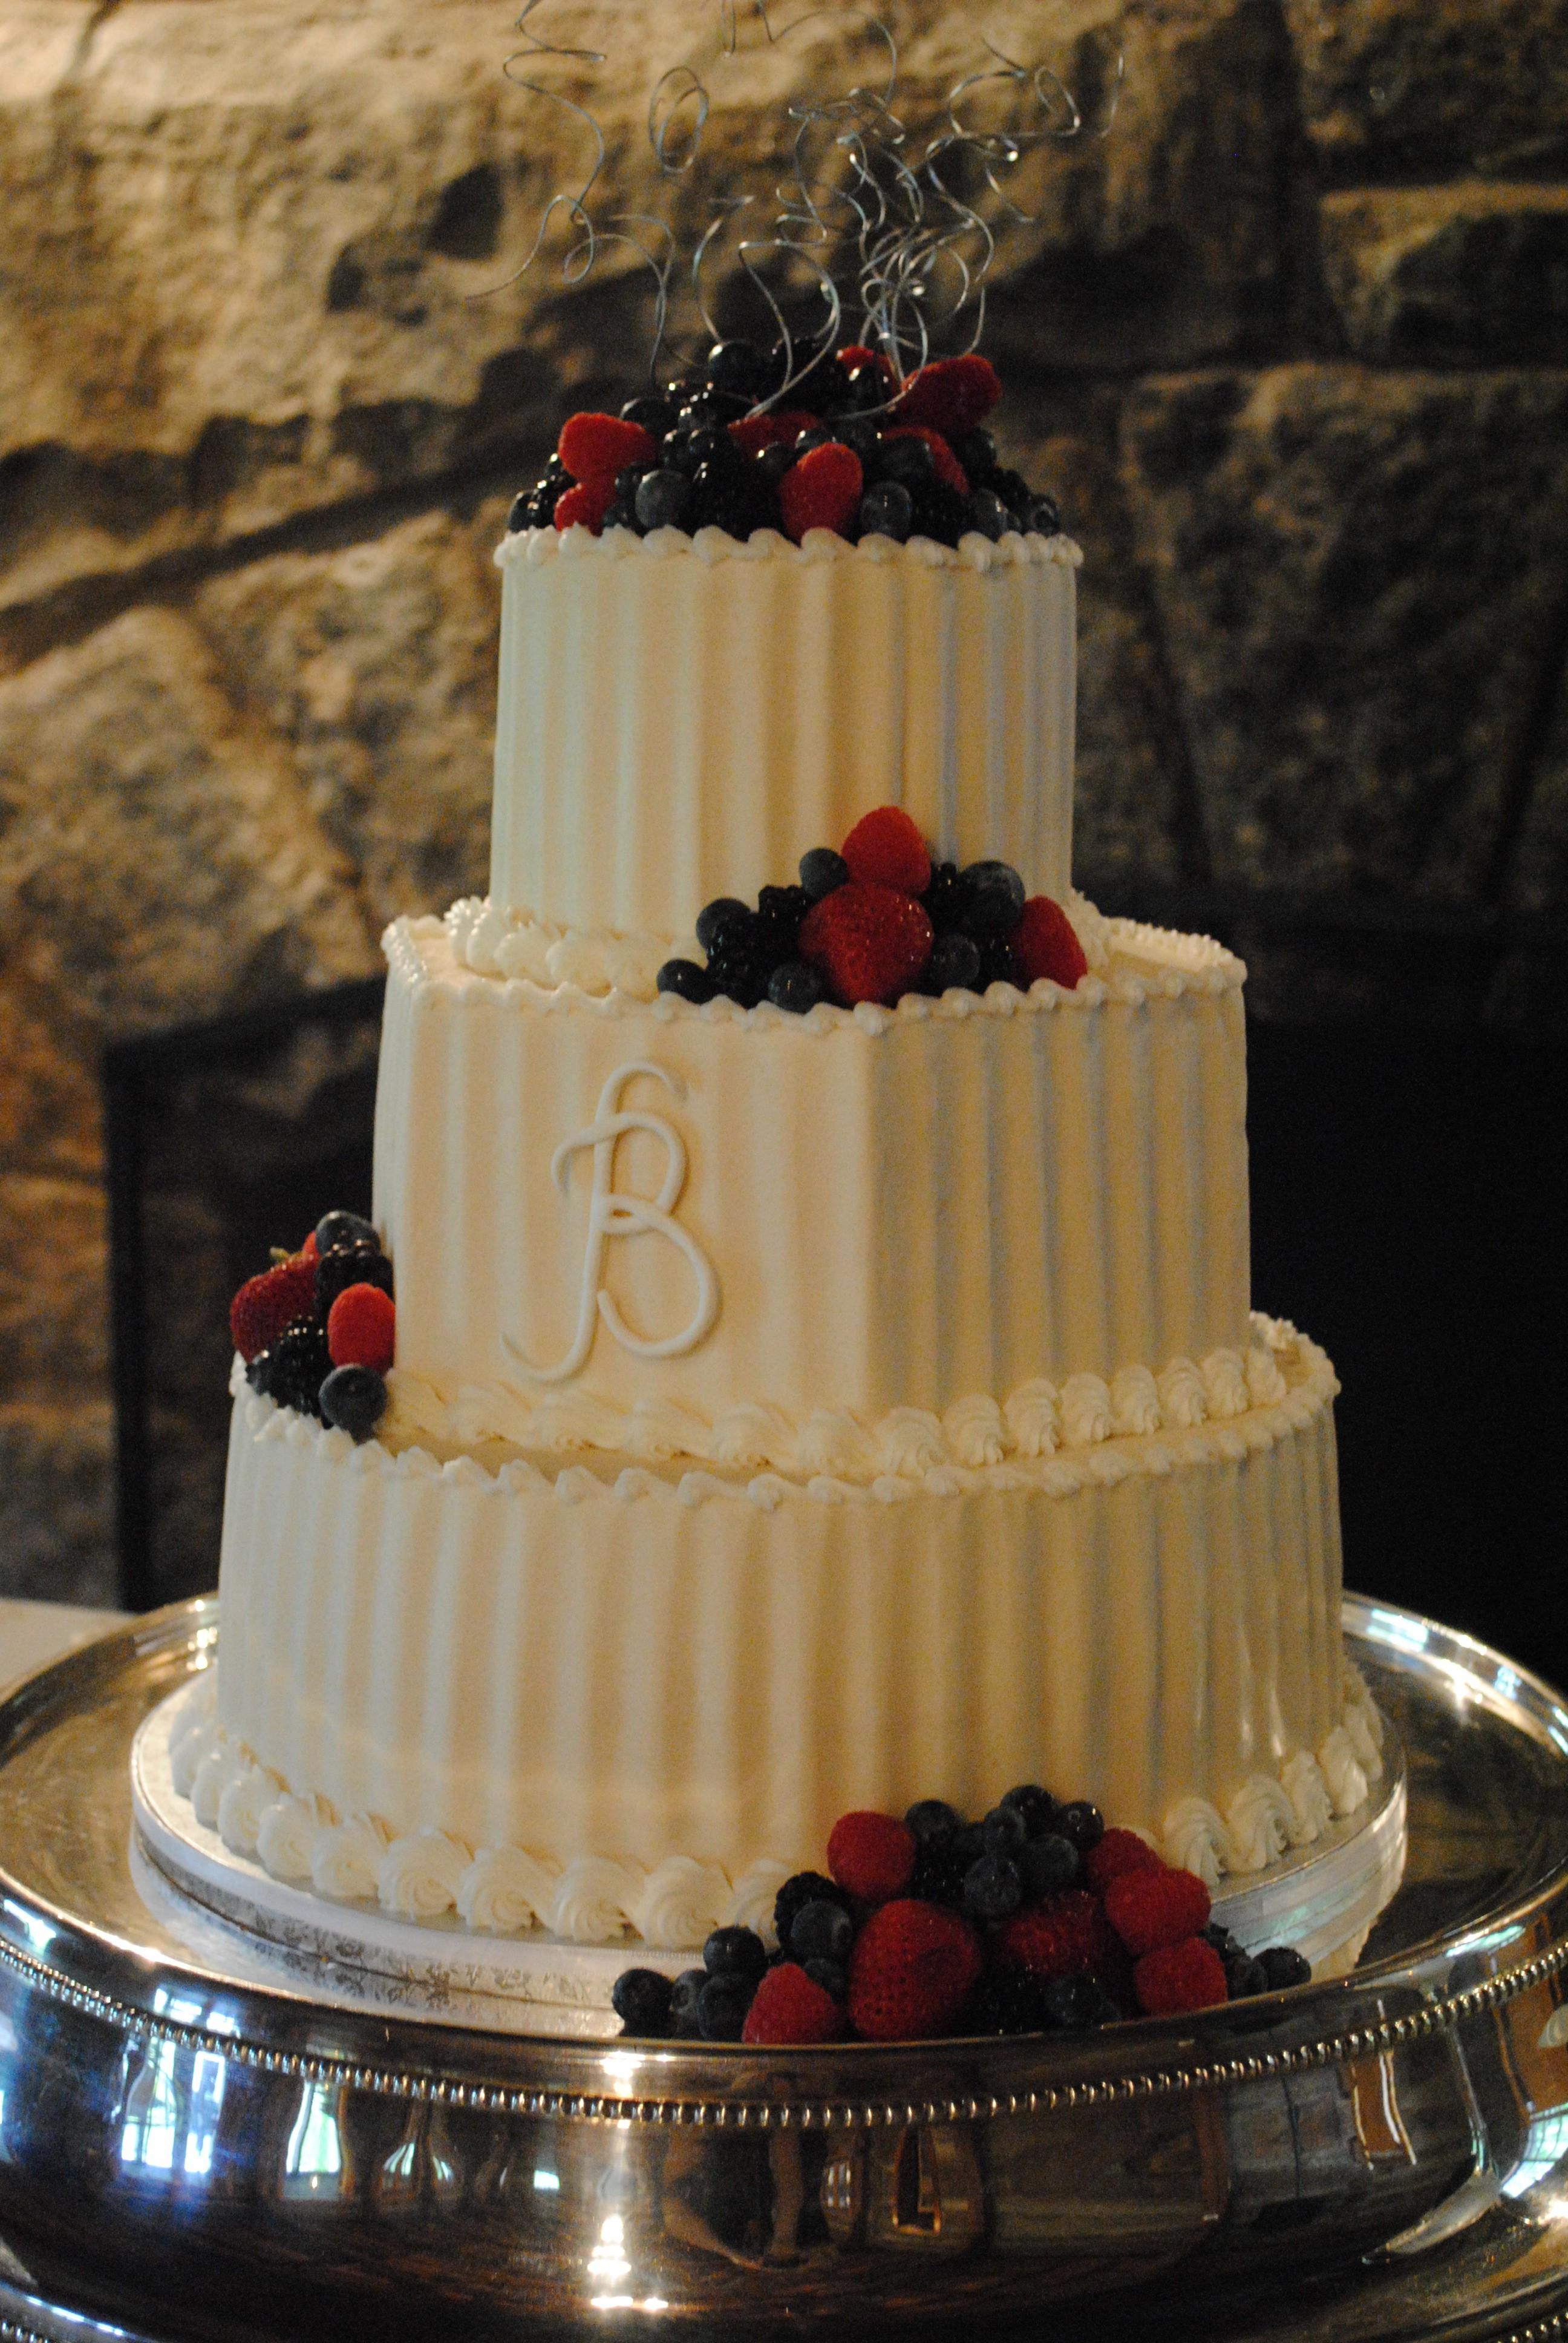 Buttercream Wedding Cakes  Buttercream Wedding Cake Options Kathy and pany Wedding